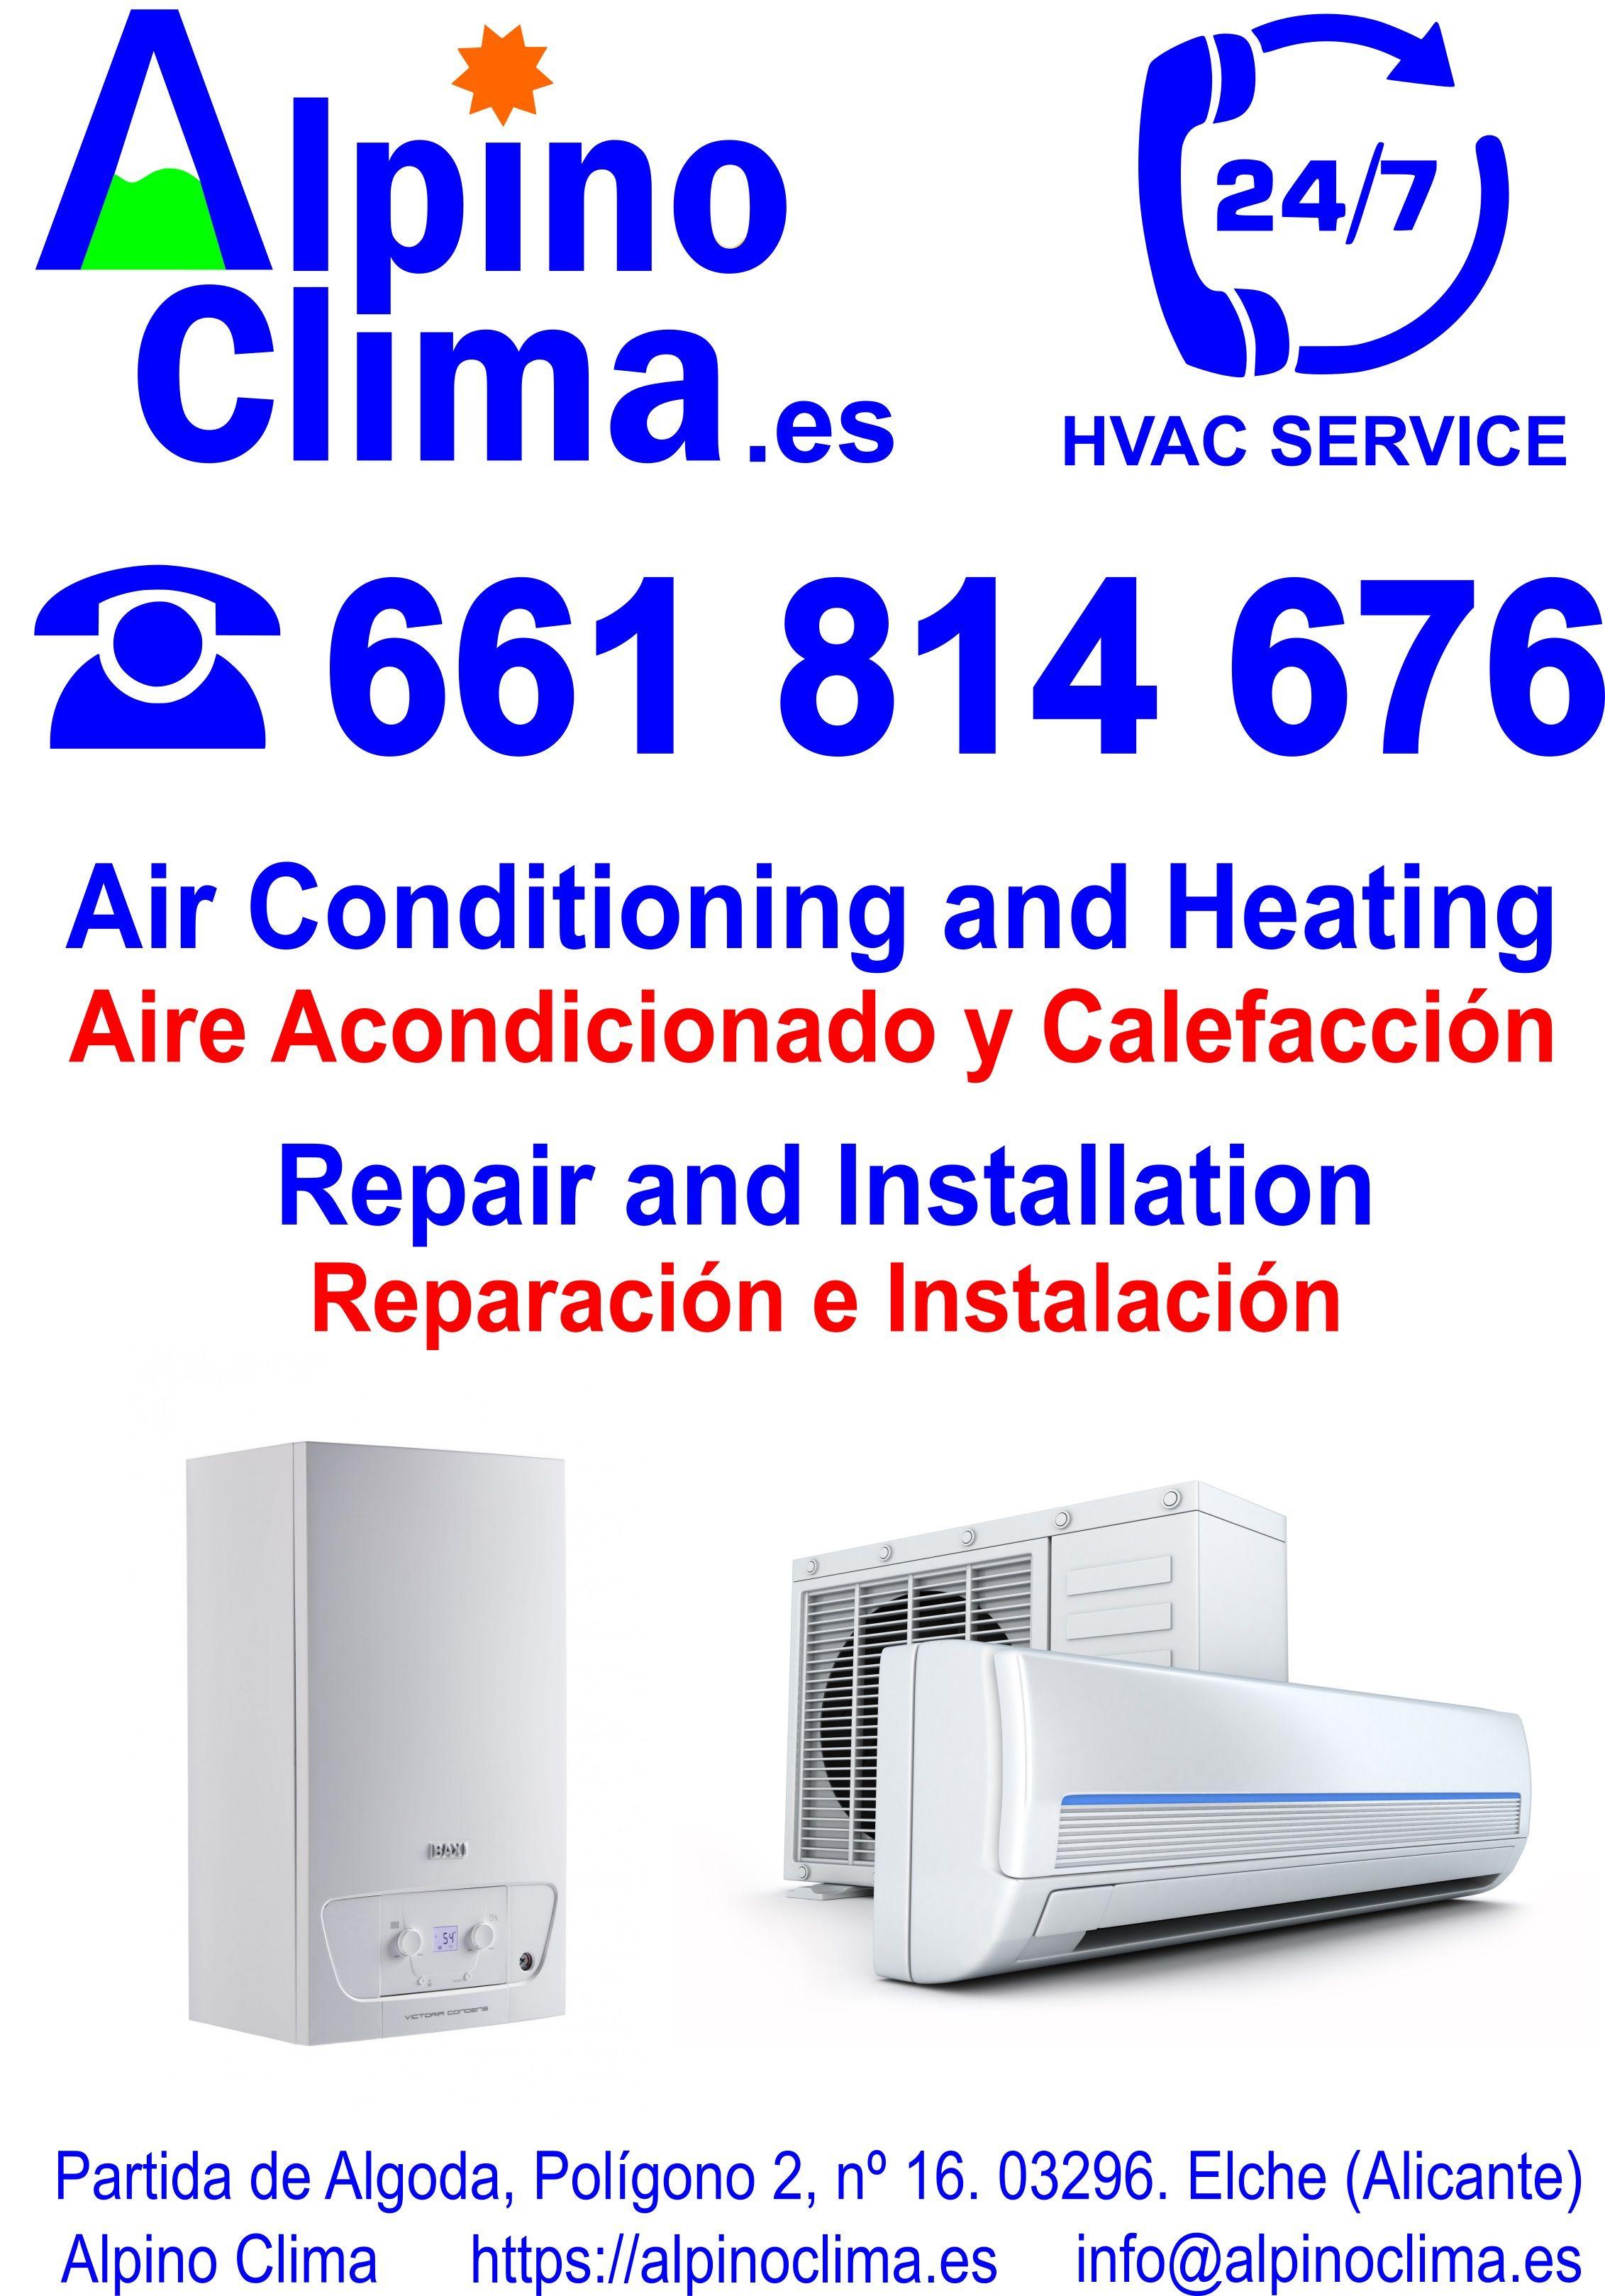 Instalación y reparación de aire acondicionado y